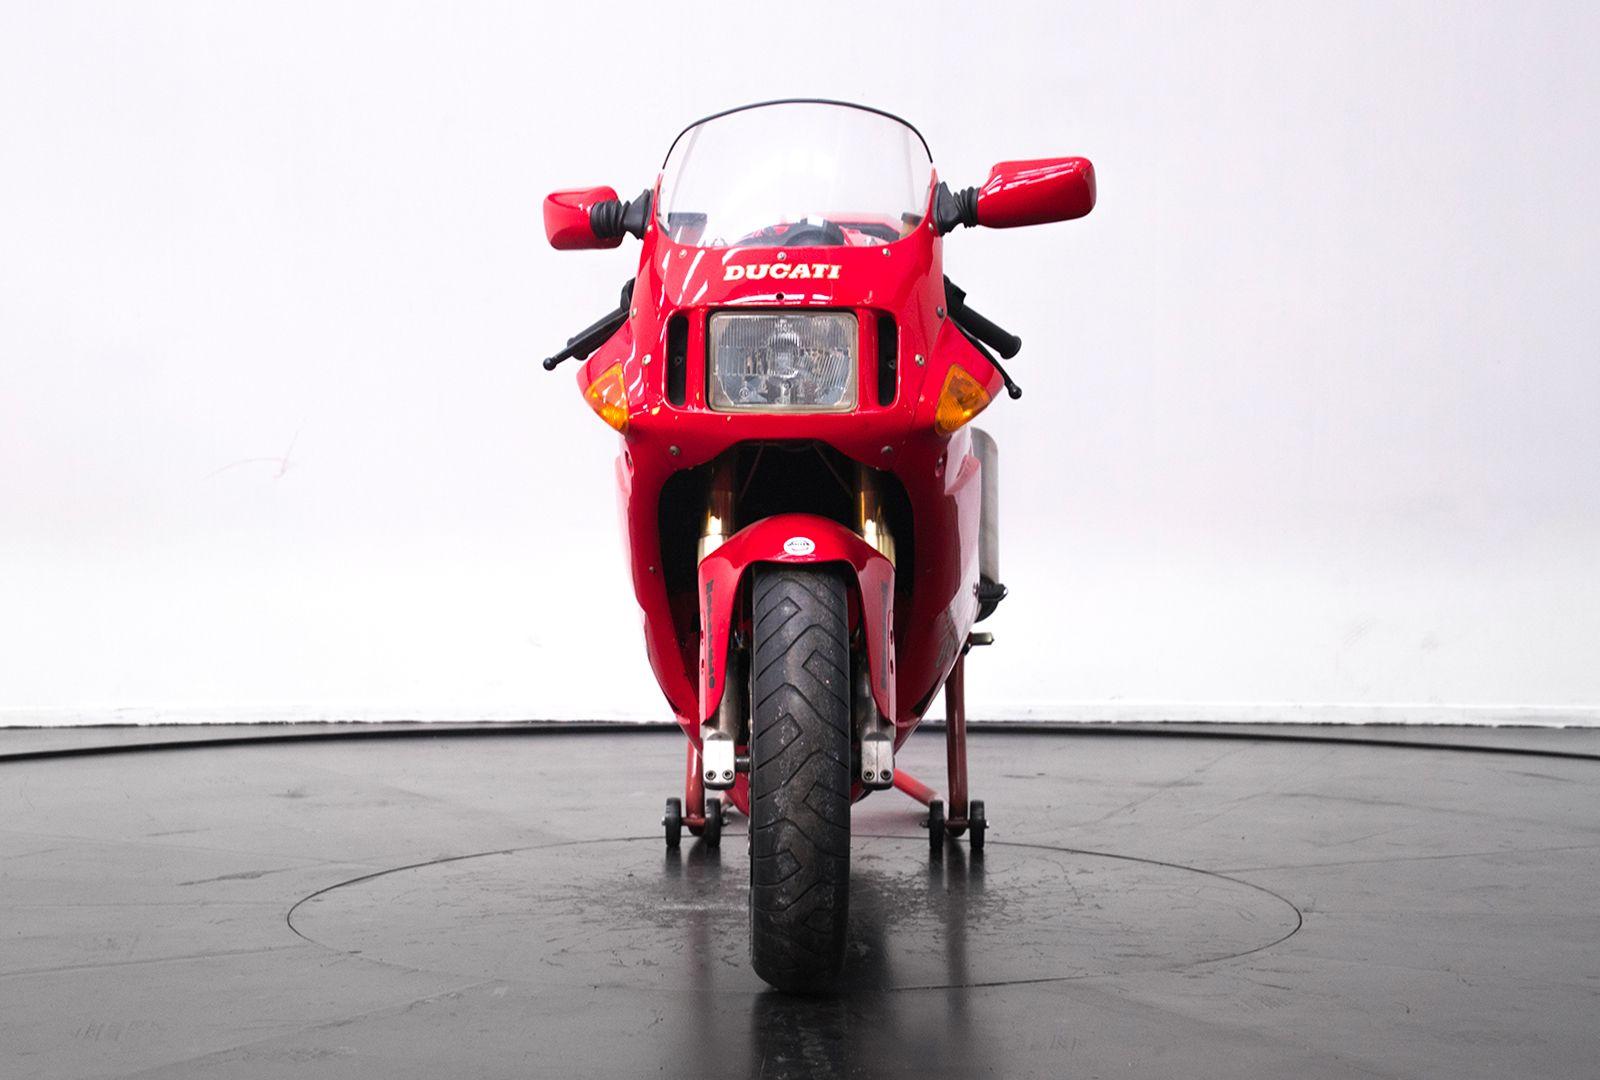 1993 Ducati Superbike 888 Desmoquattro 17907